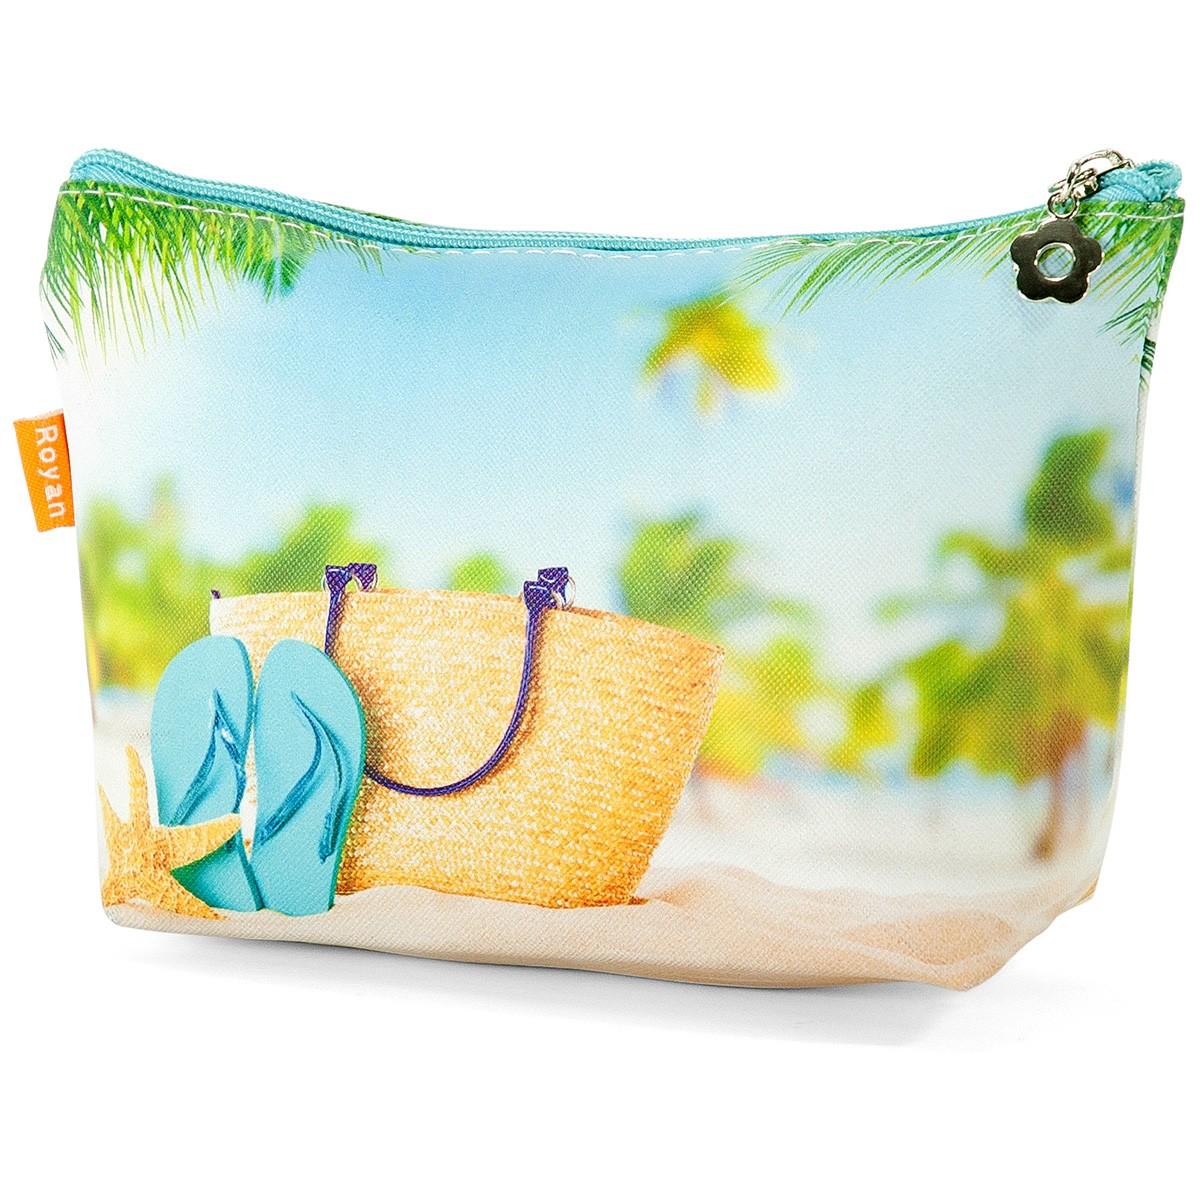 Τσαντάκι Παραλίας Benzi RY2018009 Col2 home   θαλάσσης   τσάντες θαλάσσης